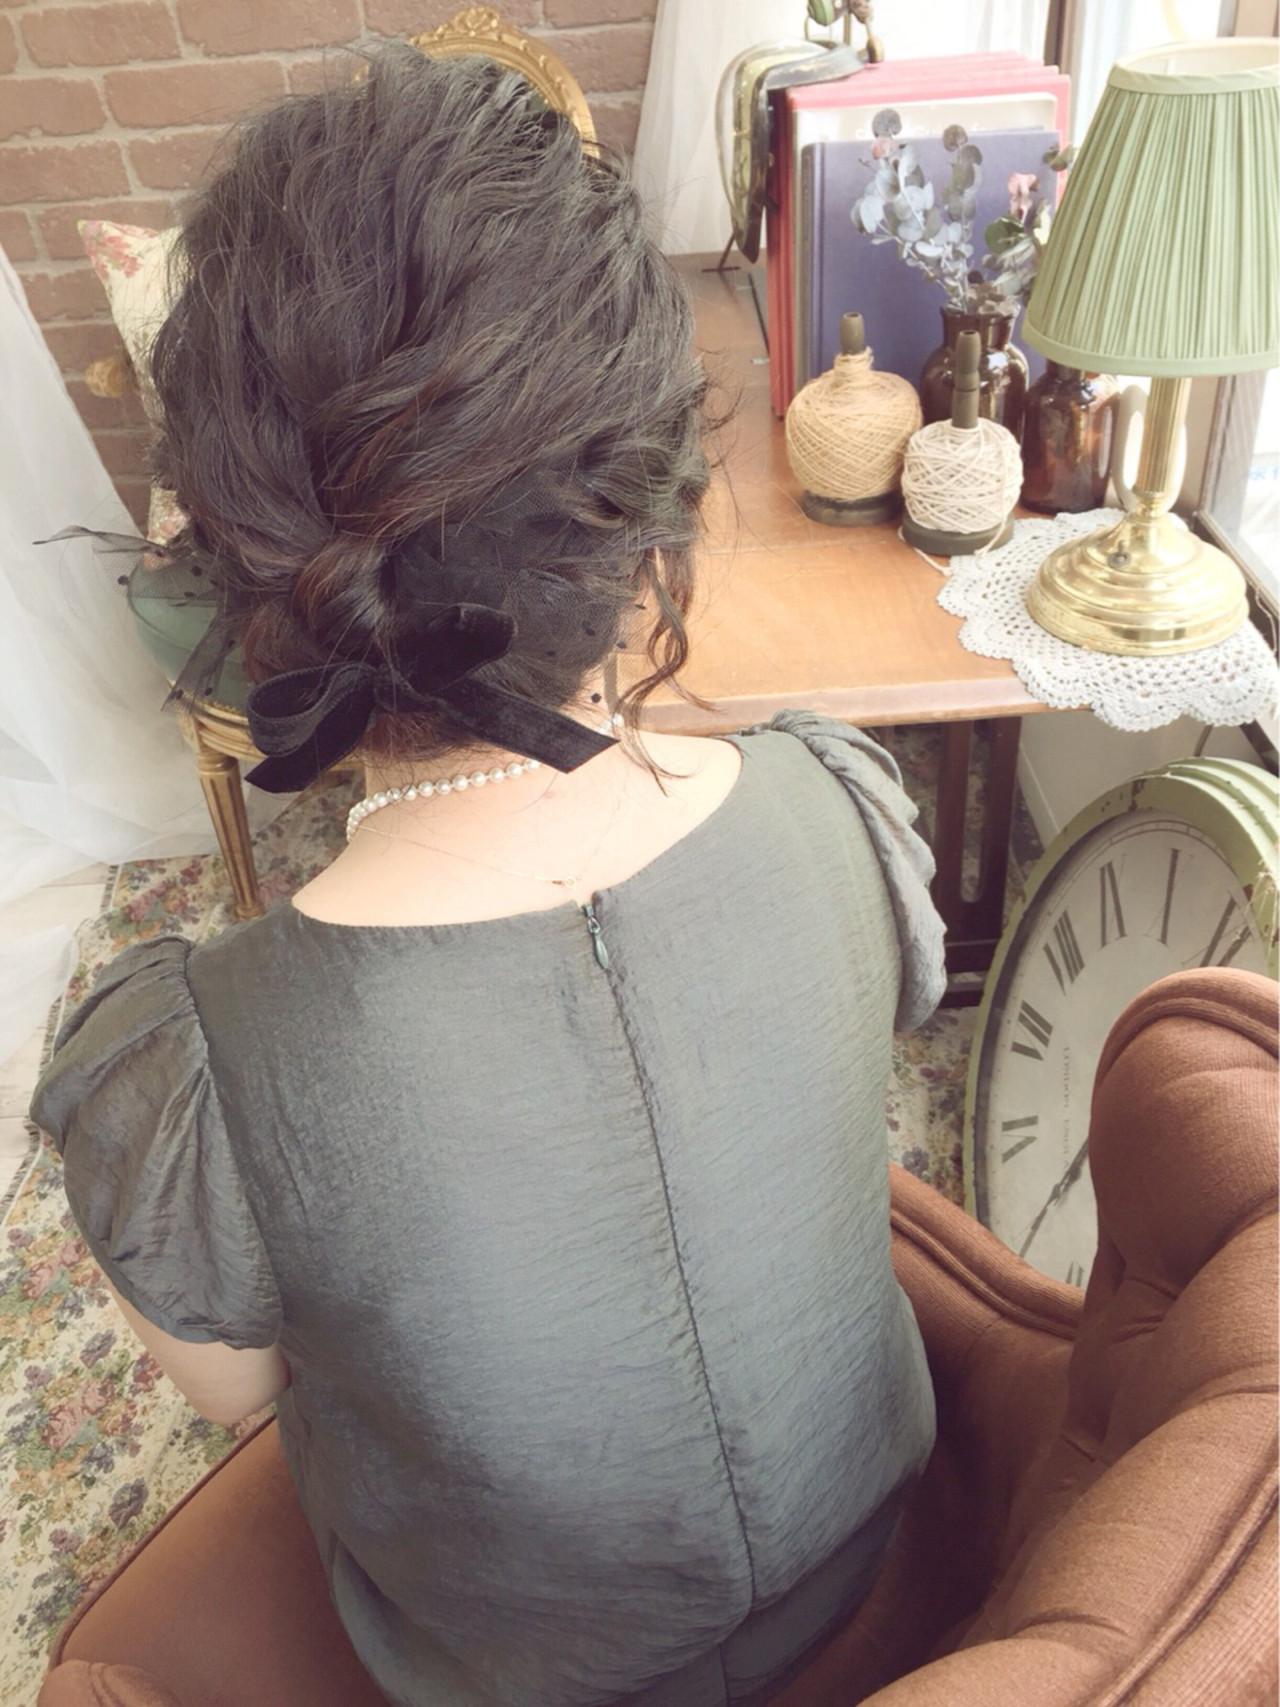 髪の毛はショートでもアレンジできる!ショートにみえない?ゴージャスアレンジ 菊池 綾子